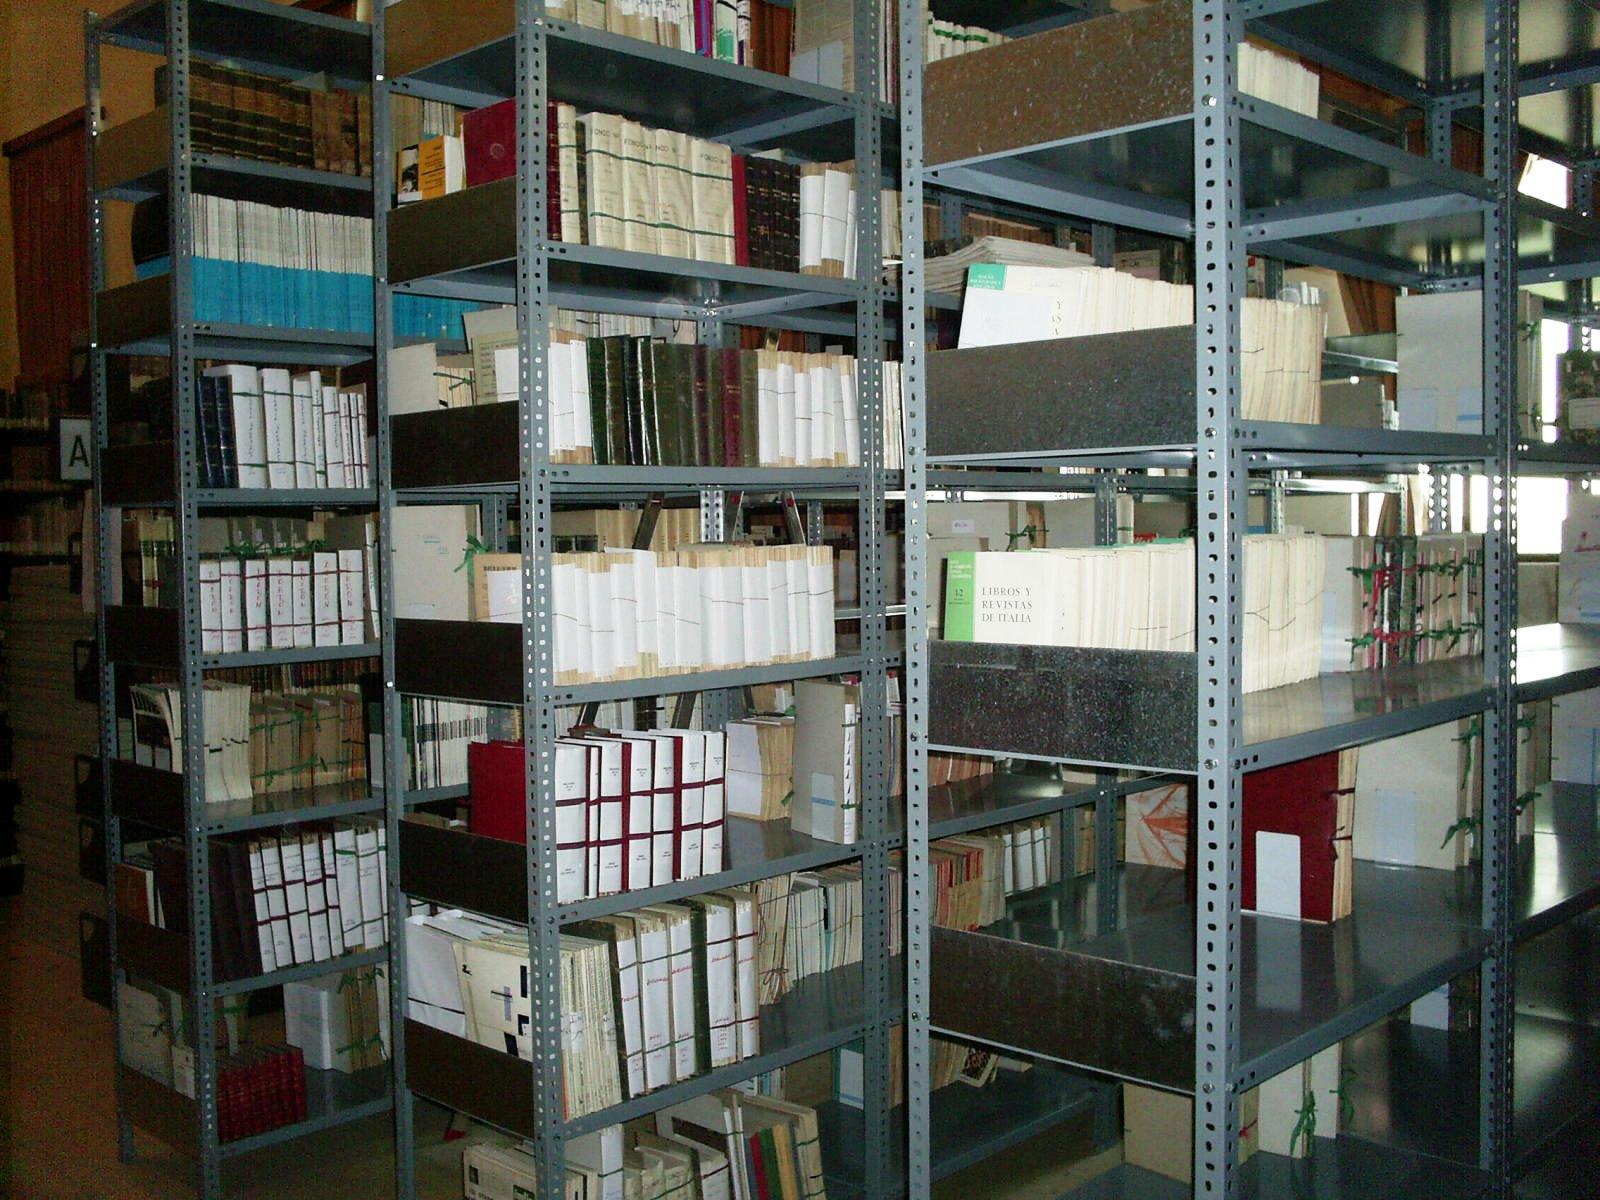 74 estanterias metlicas esme estanterias de acero - Estanterias metalicas diseno ...